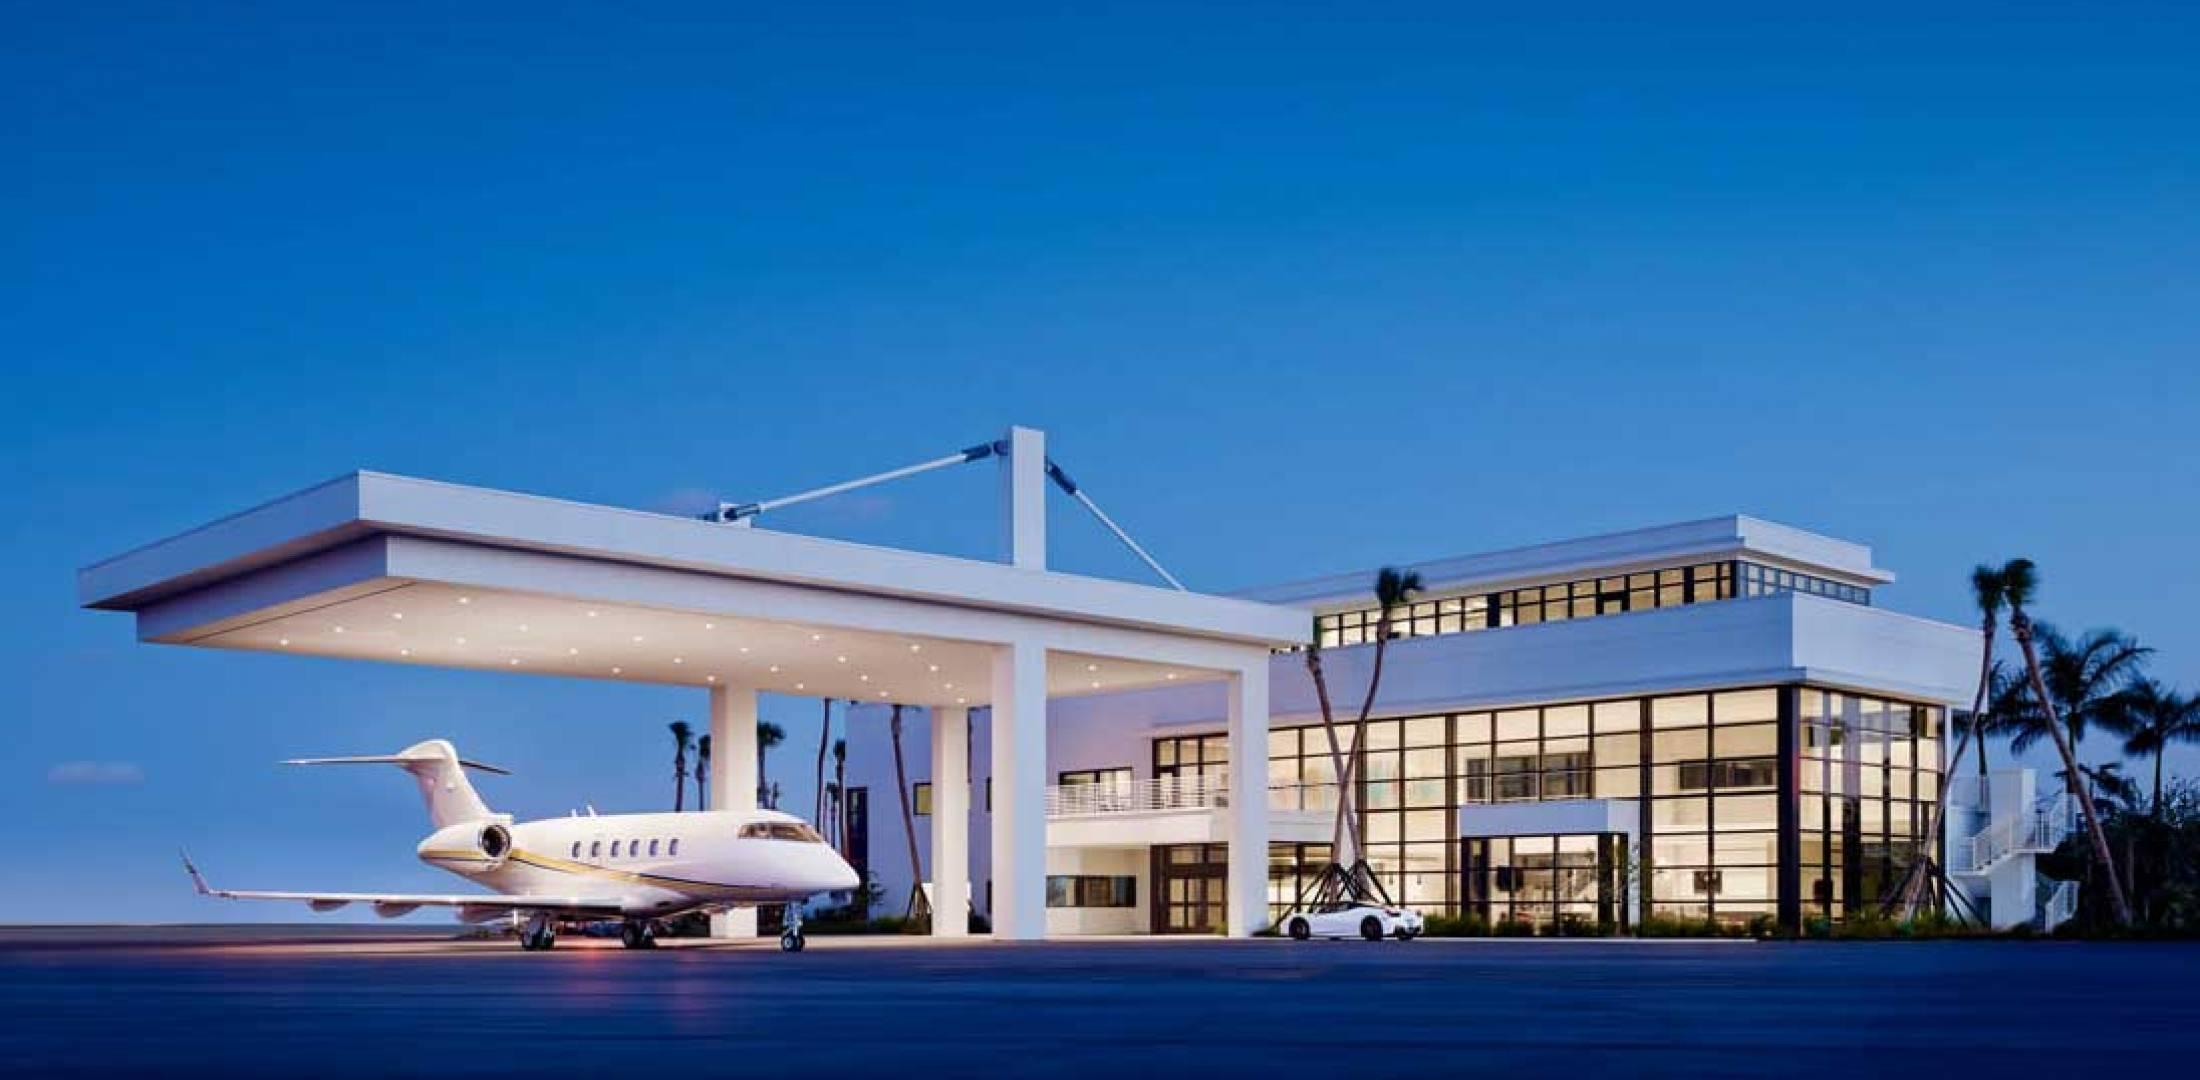 charter planes at opa locka airport